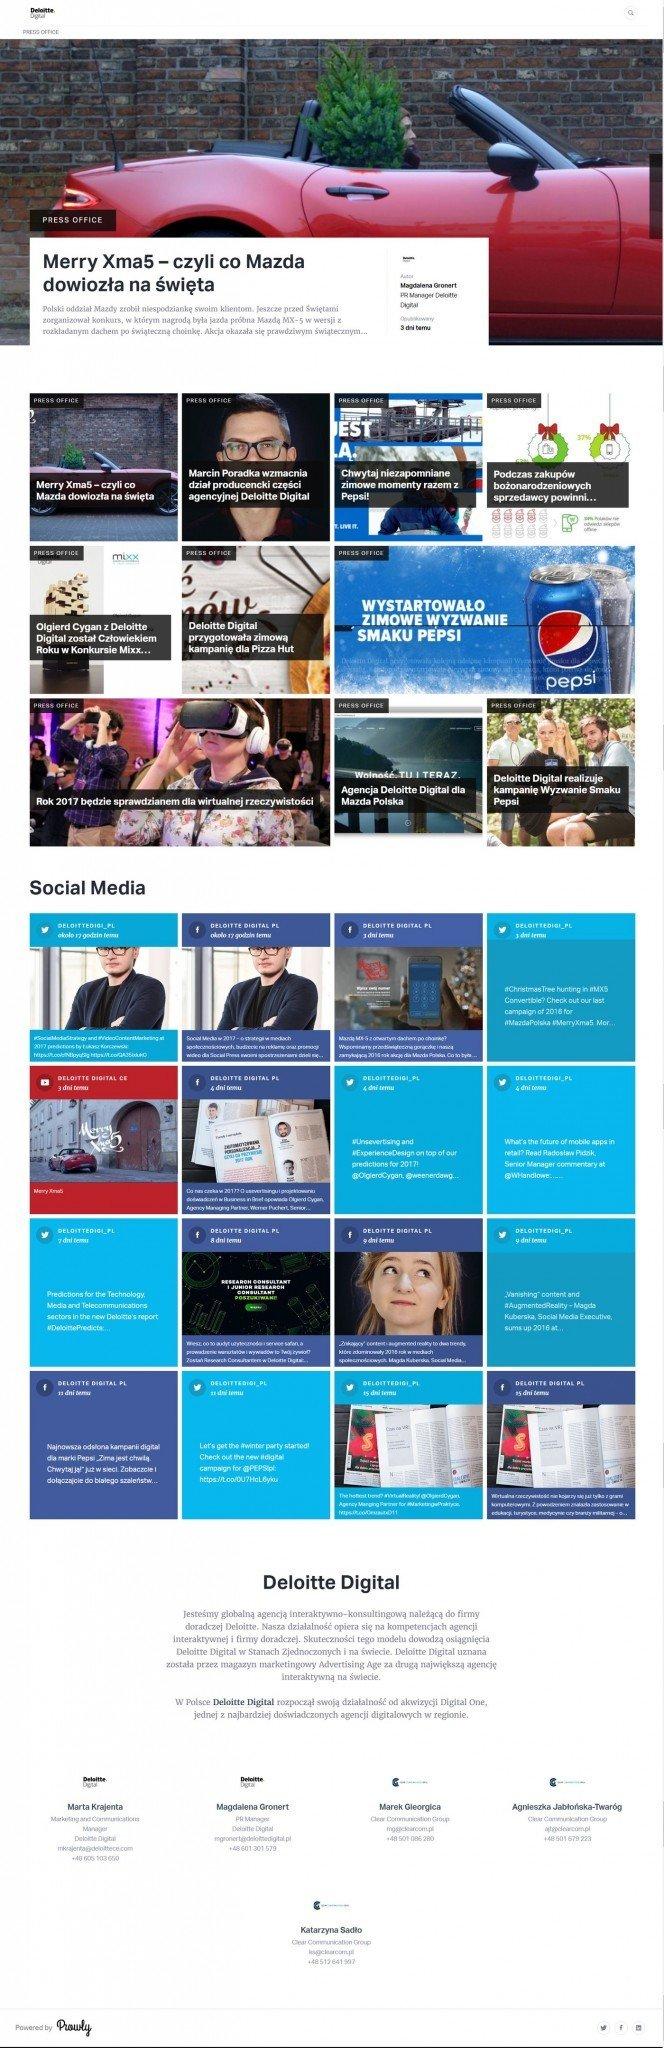 Deloitte-Digital-CE-Press-Office-m.jpg